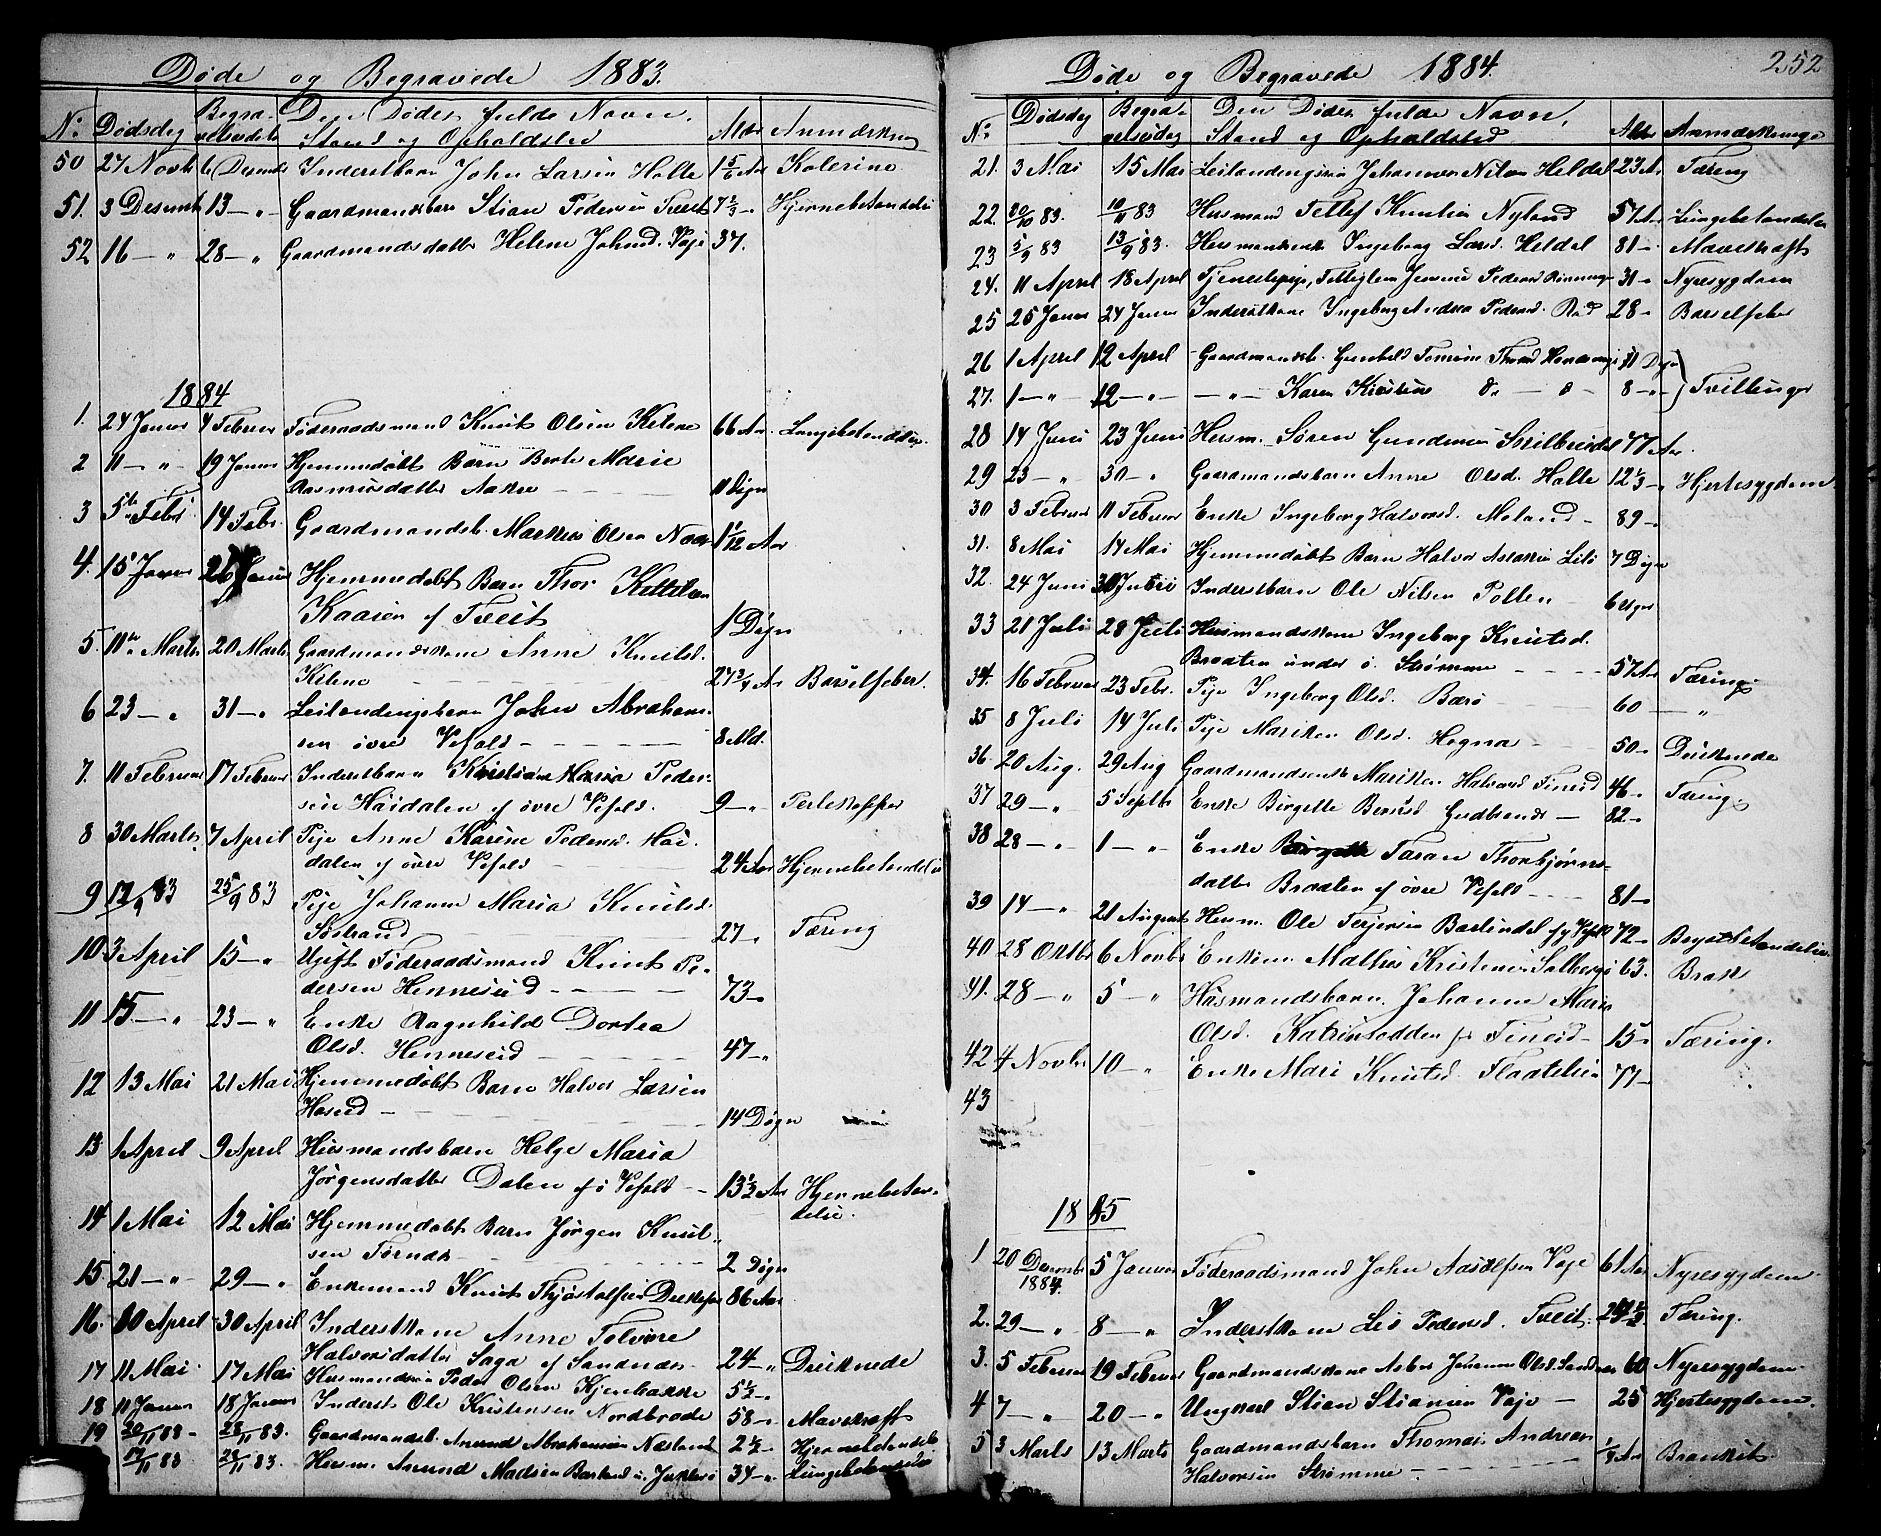 SAKO, Drangedal kirkebøker, G/Ga/L0002: Klokkerbok nr. I 2, 1856-1887, s. 252